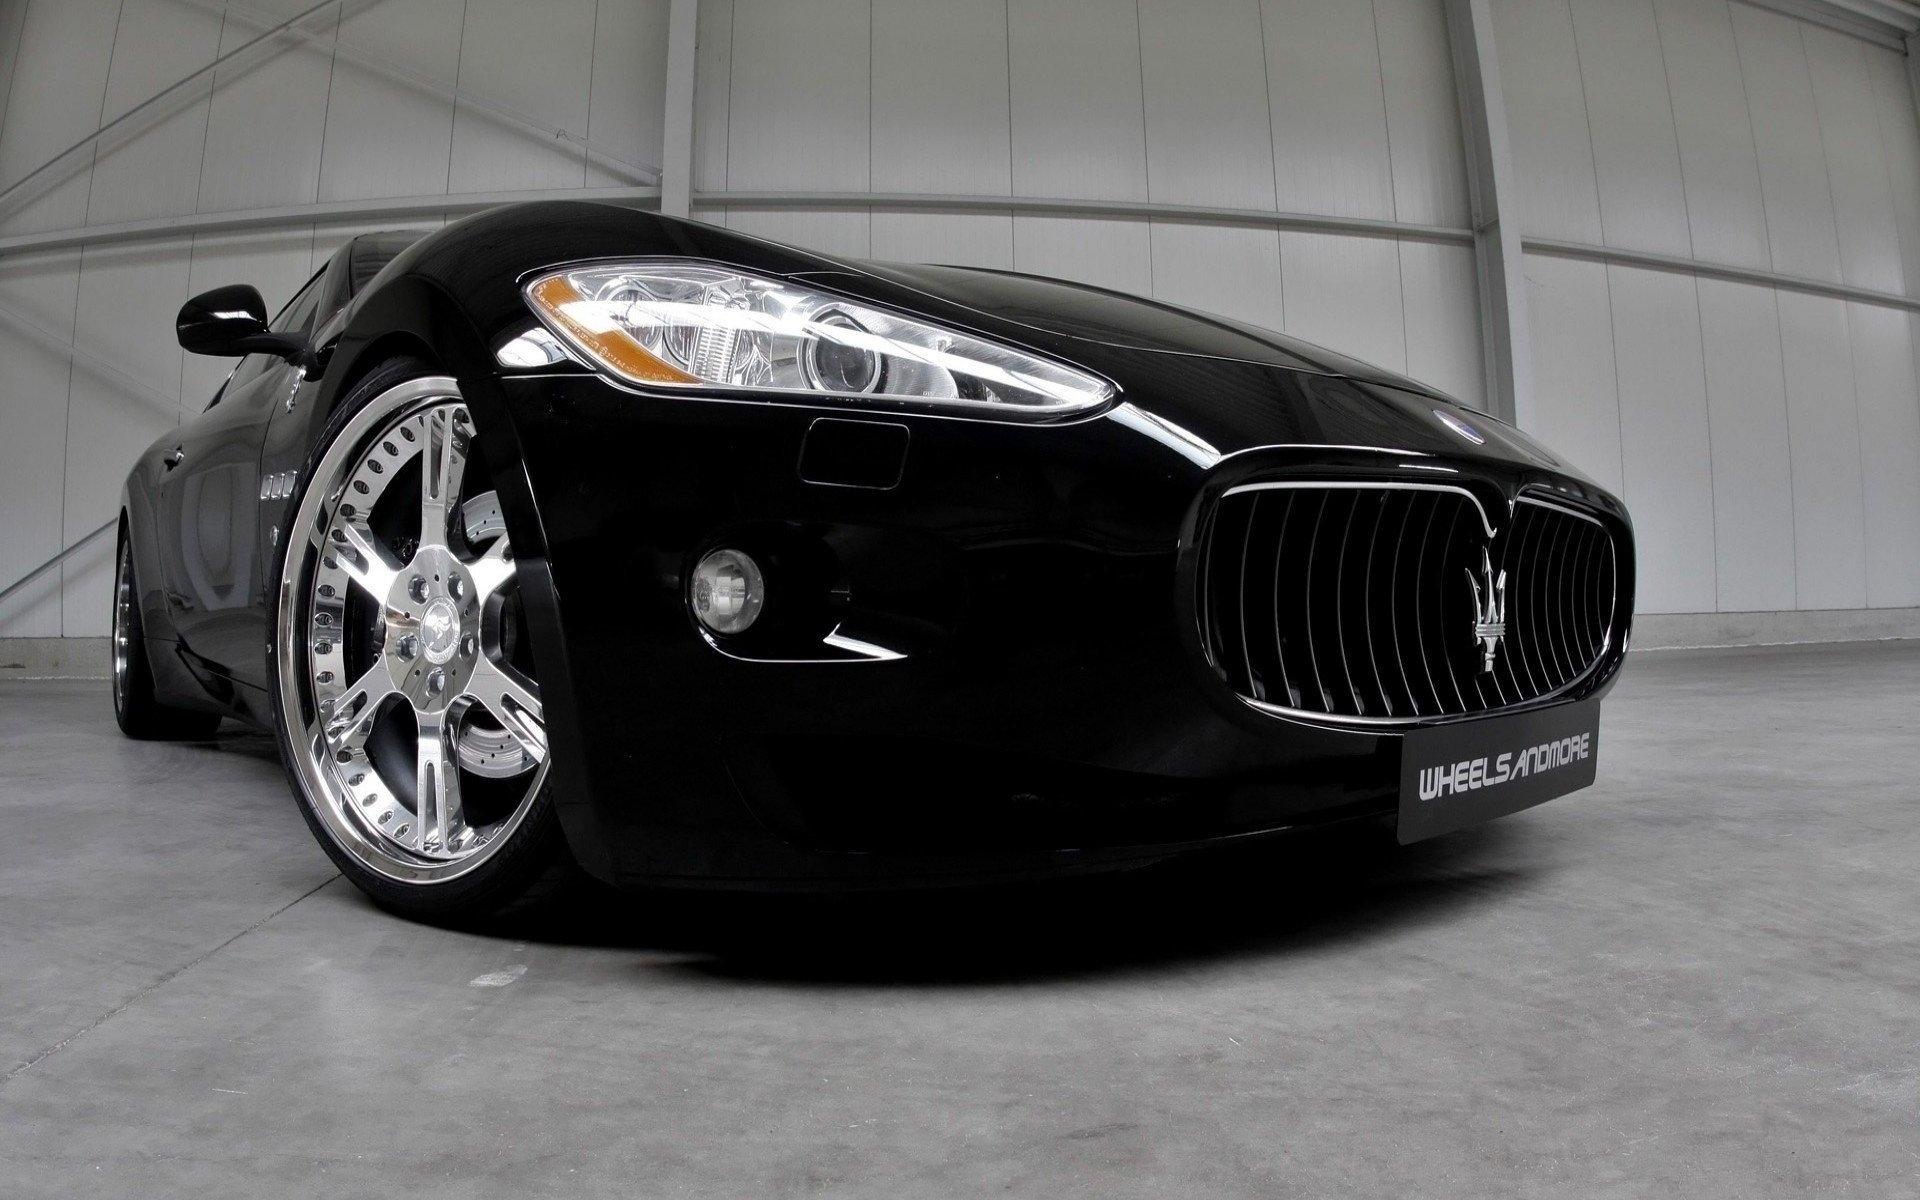 50260 скачать обои Транспорт, Машины, Мазератти (Maserati) - заставки и картинки бесплатно